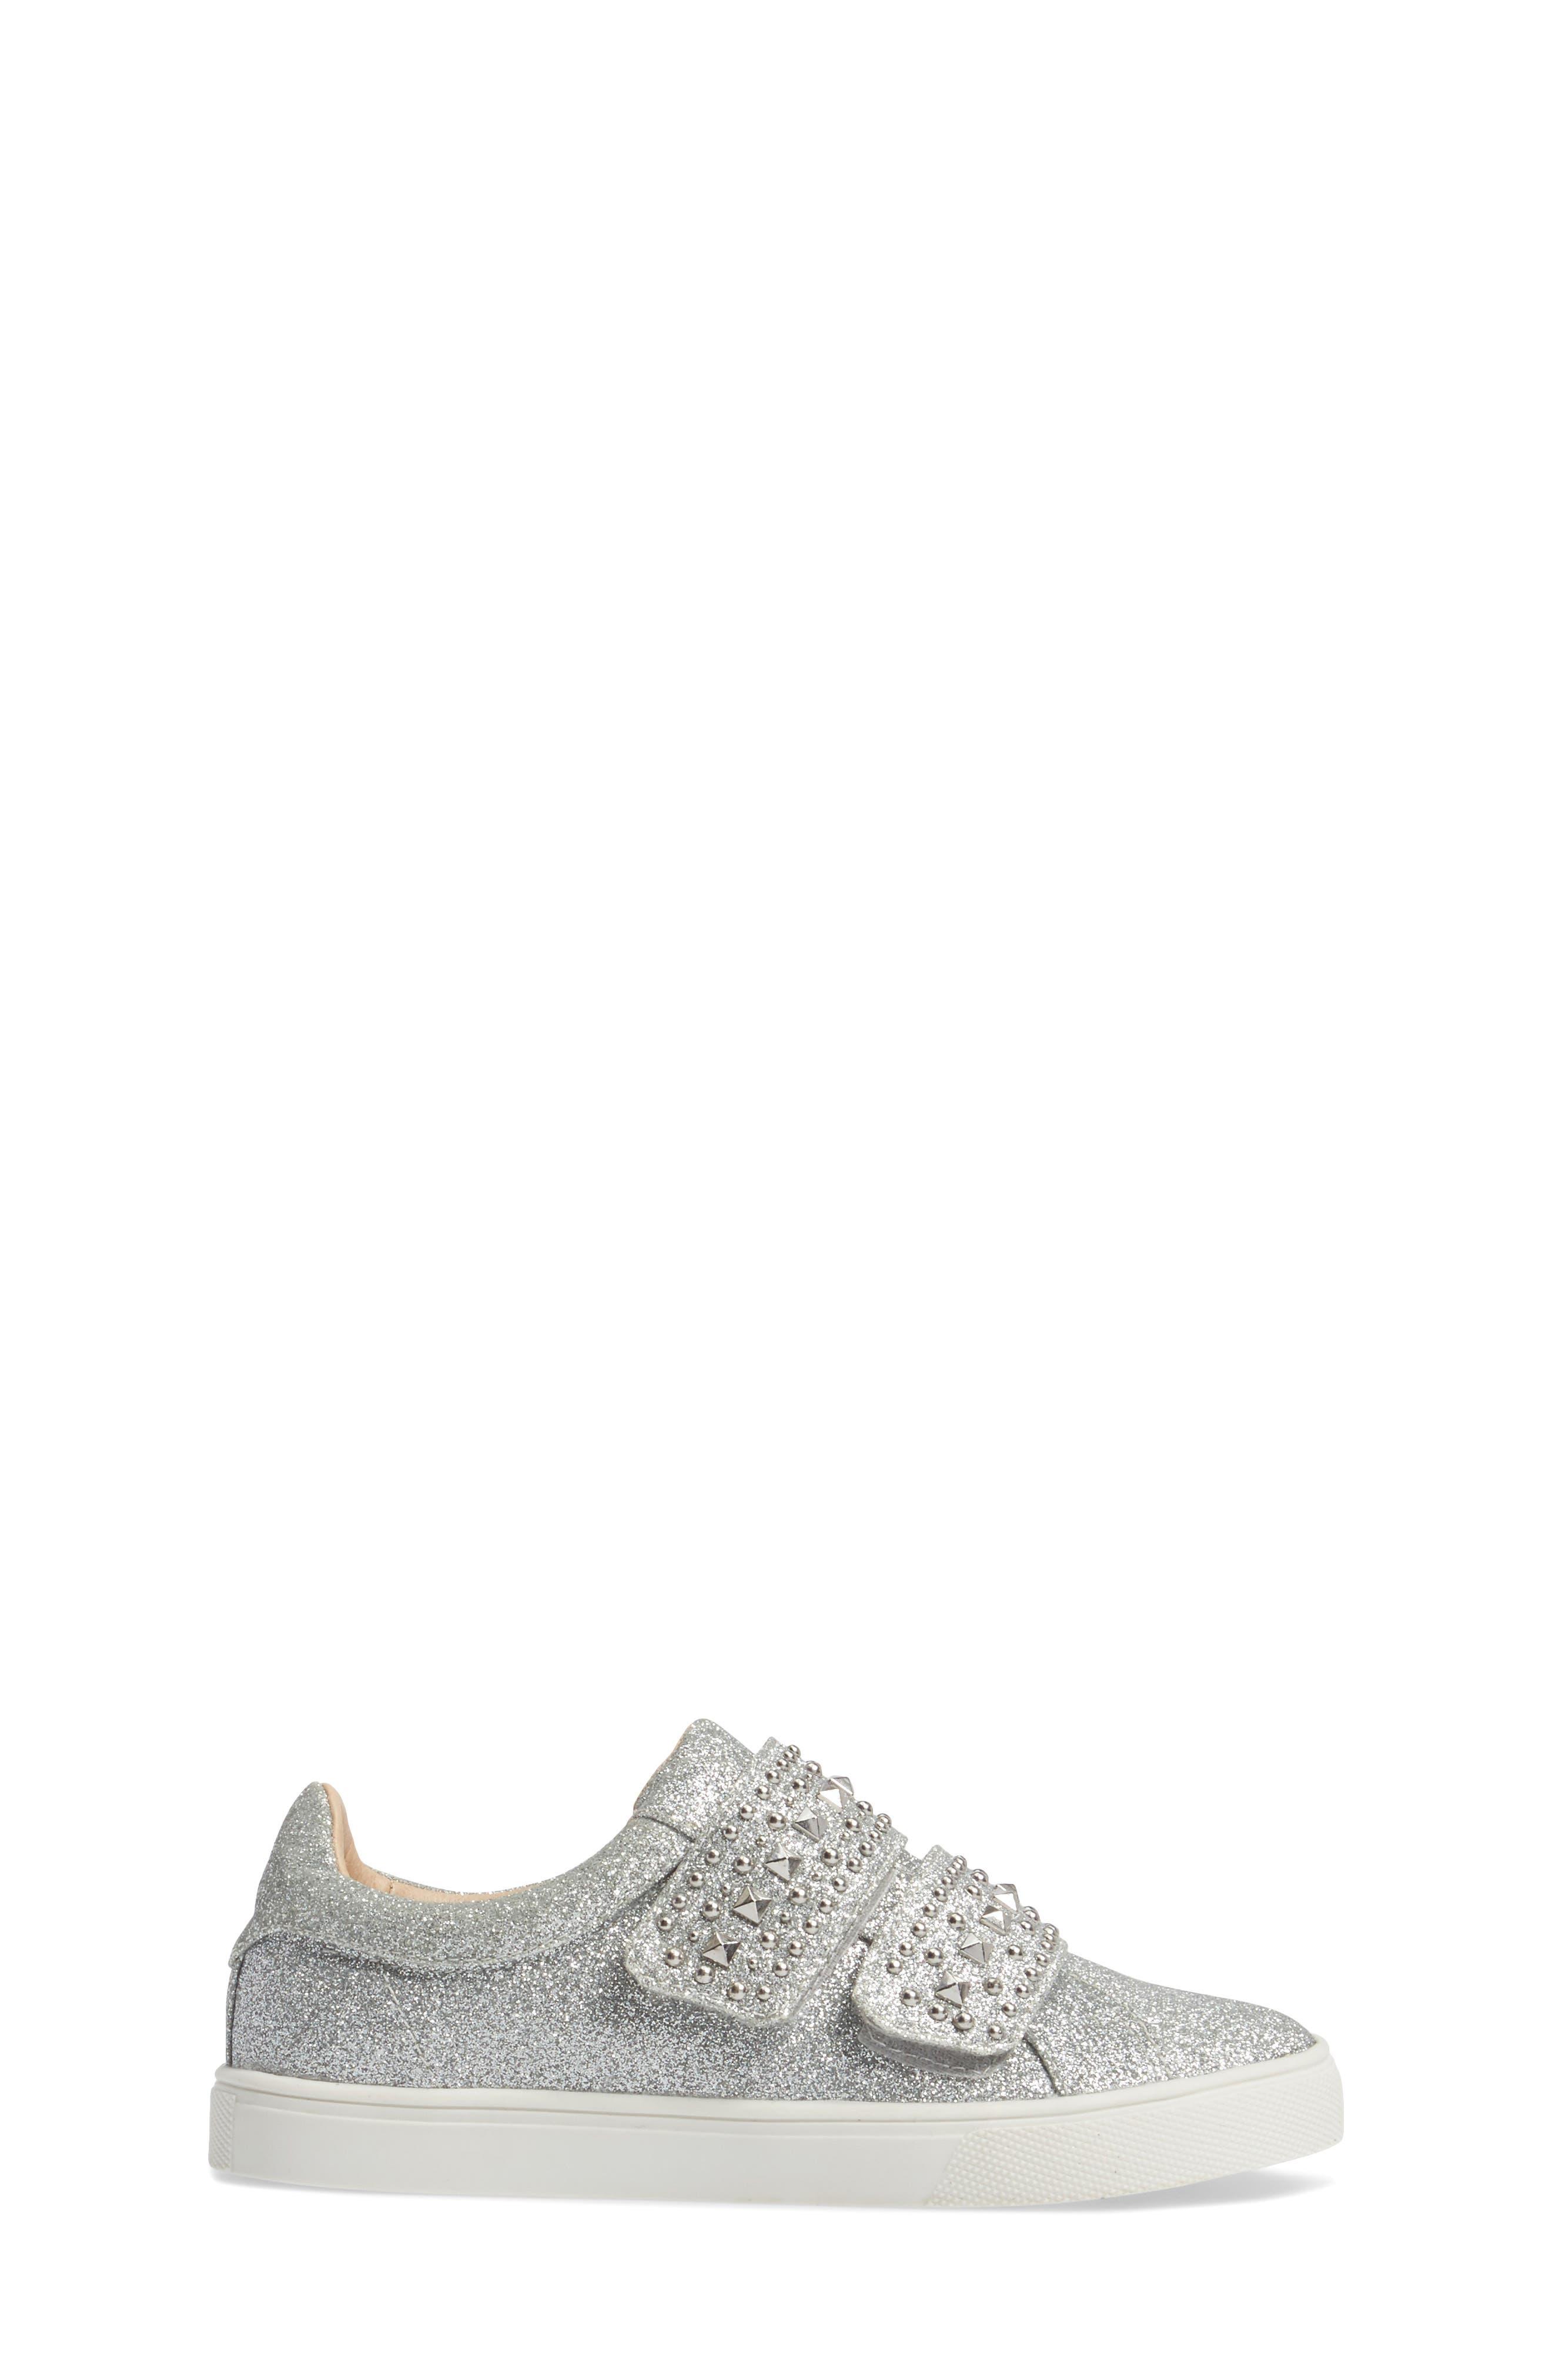 Baylen Embellished Glitter Sneaker,                             Alternate thumbnail 3, color,                             SILVER GLITTER